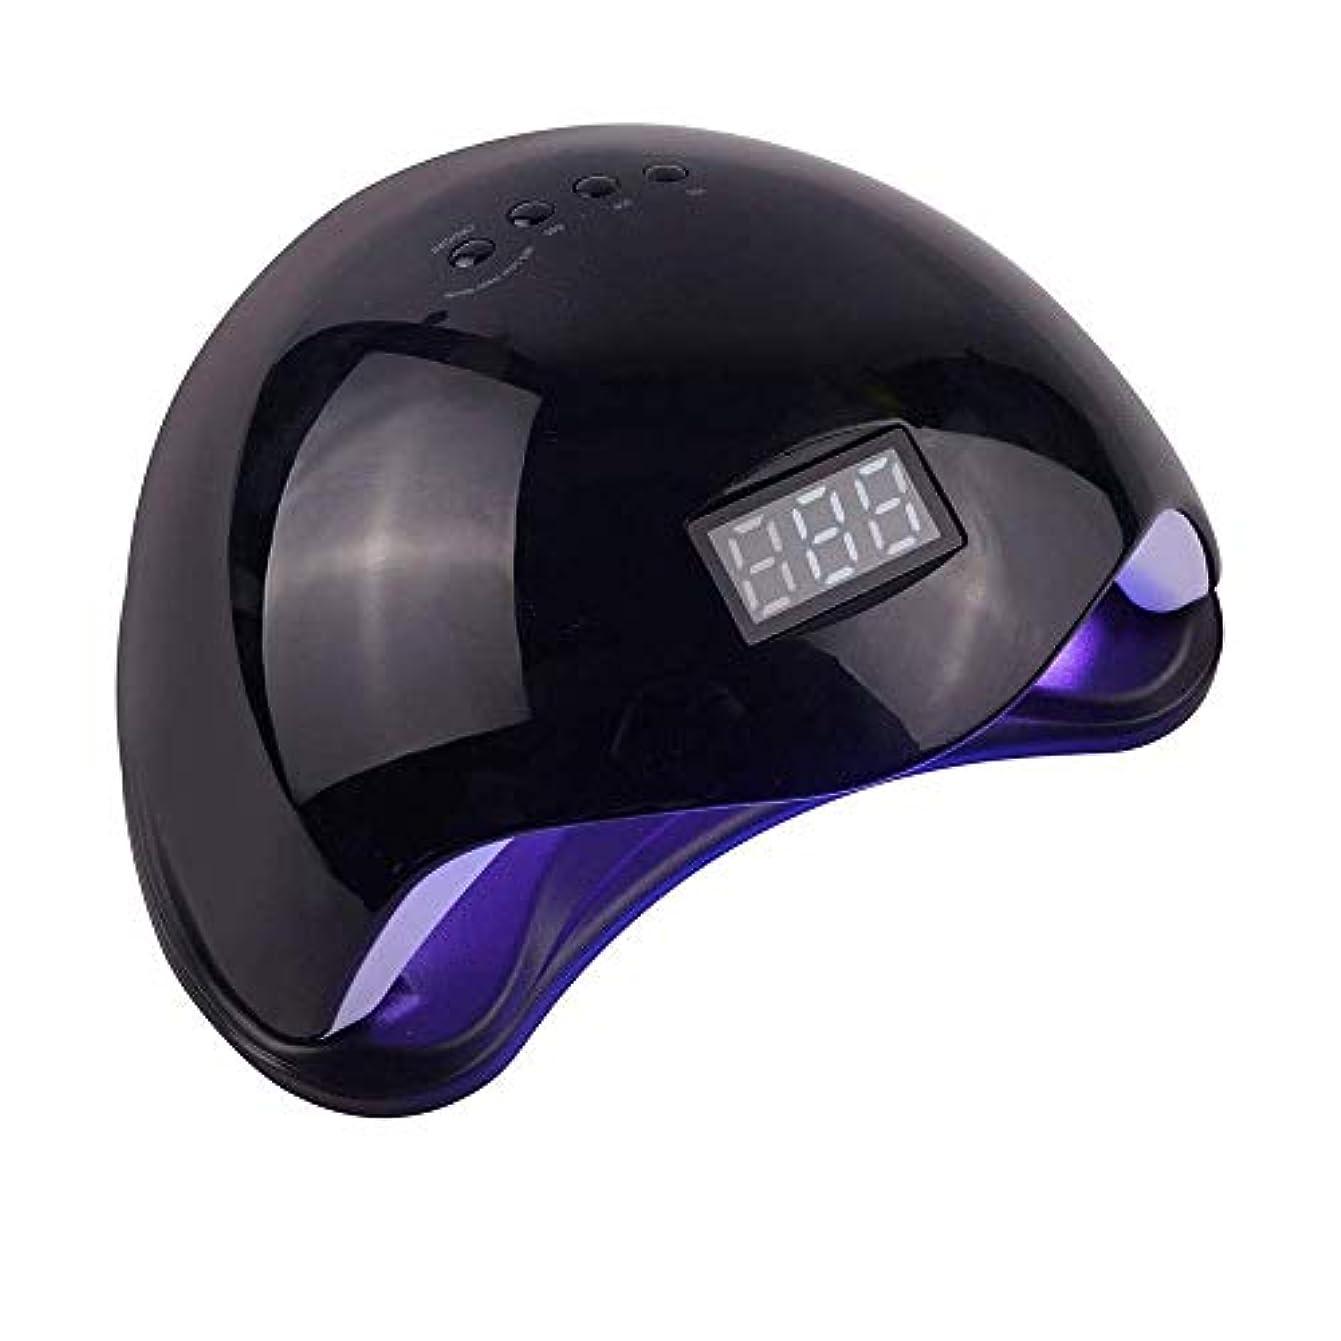 吸収する洞察力のある楽しませるDHINGM ネイルランプ、24 UV + LEDデュアルLED光源、長寿命、快適な非UVホワイトライト、いいえ瞳傷害、速硬化、非常に省エネ、インテリジェントオートセンシング